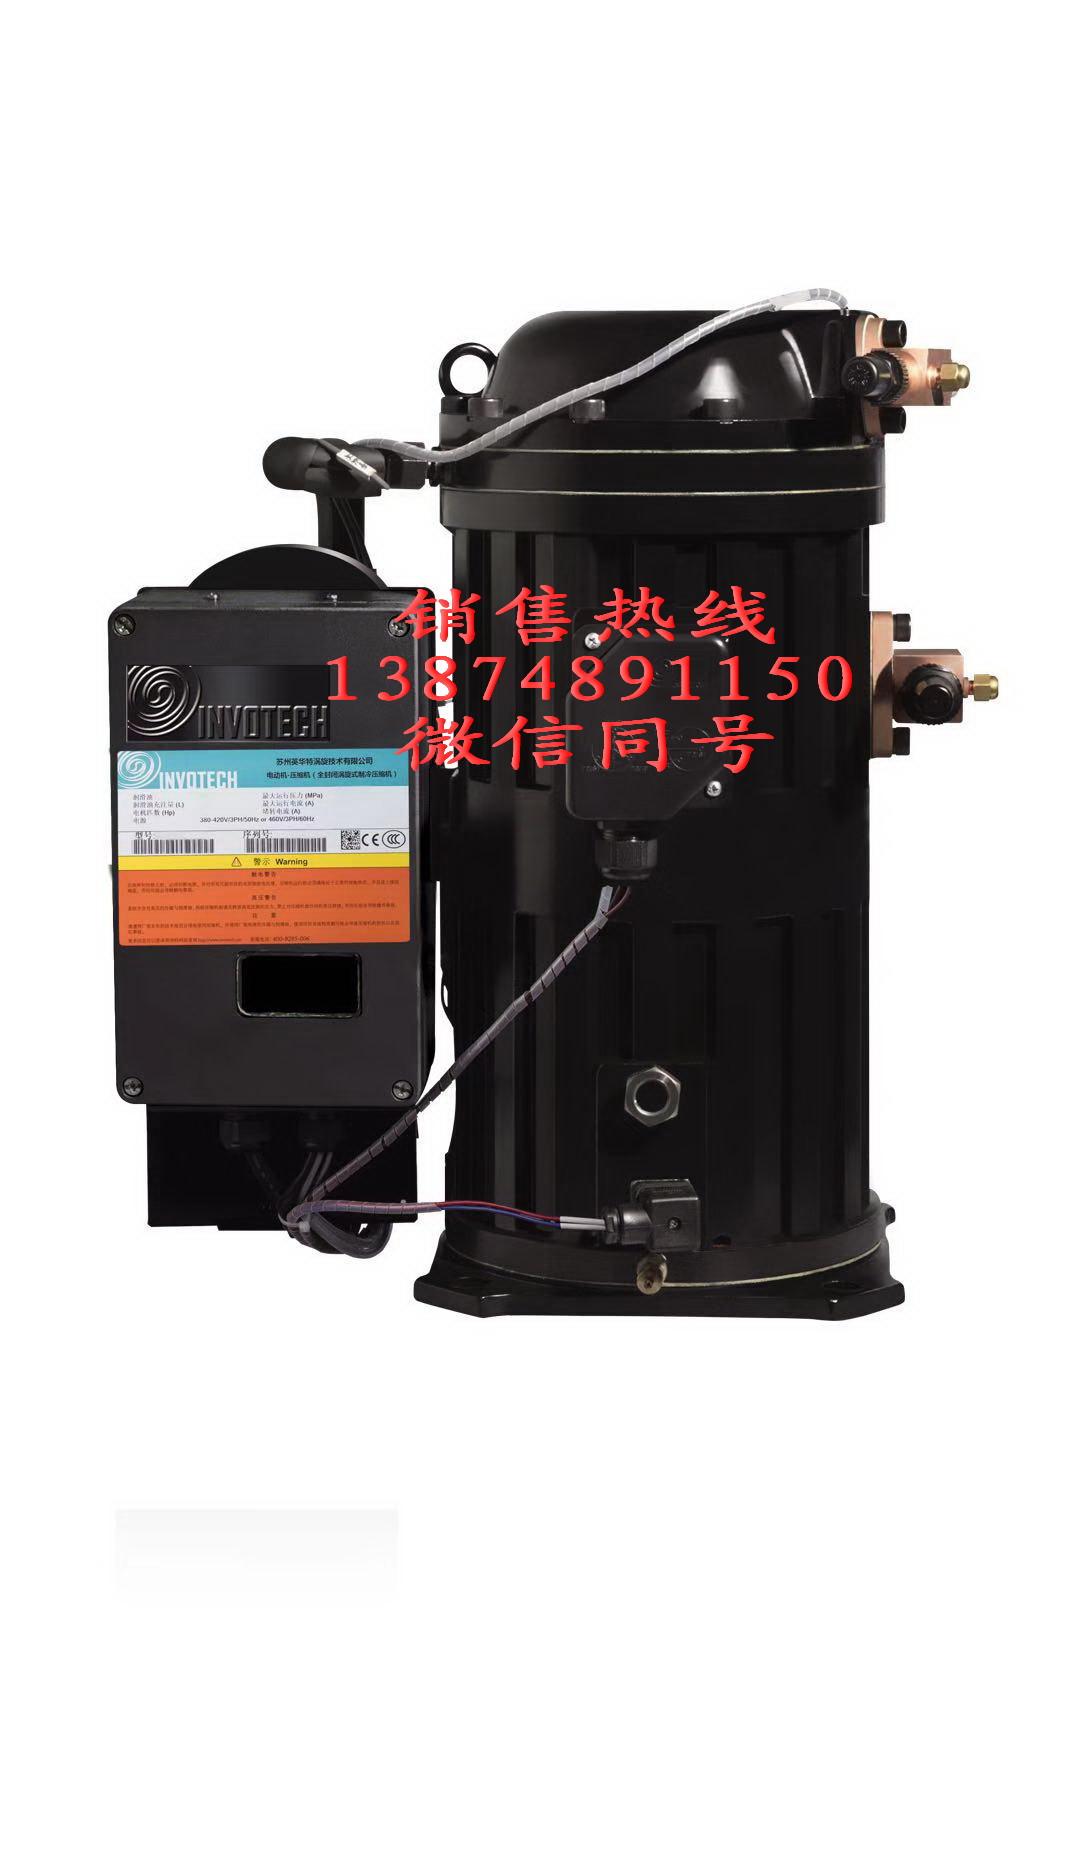 英华特压缩机YF低温系列